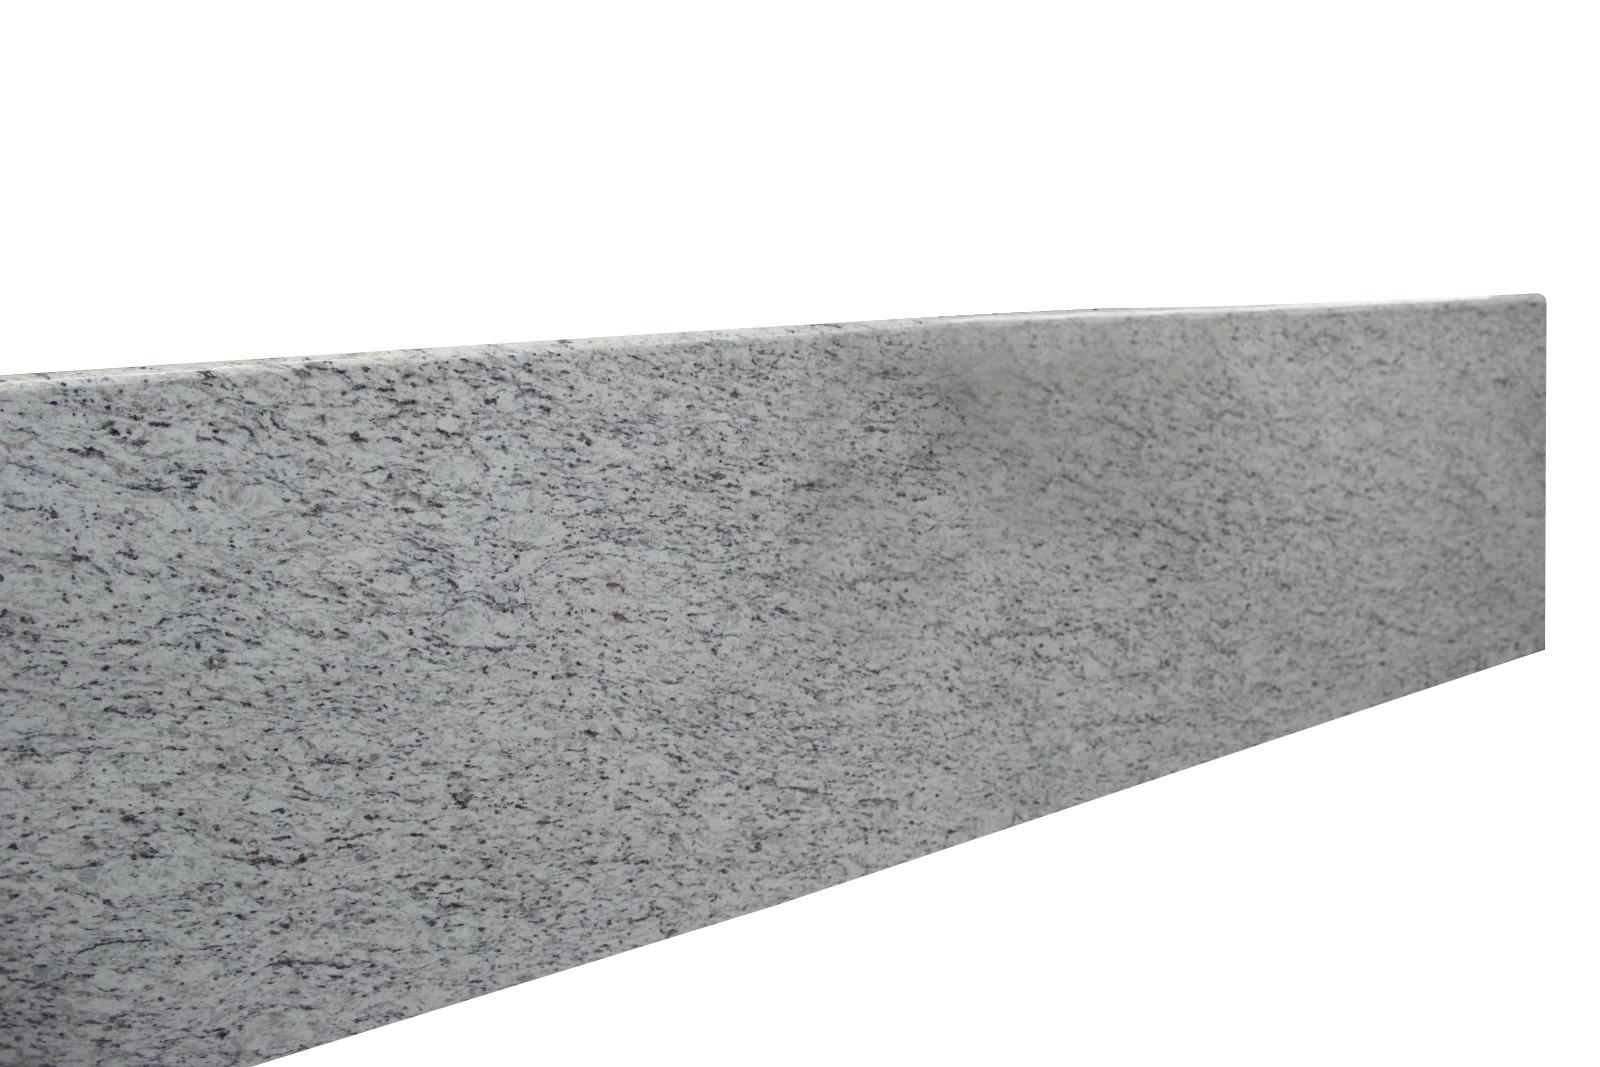 APEX Kitchen Cabinet and Granite Countertop image 16